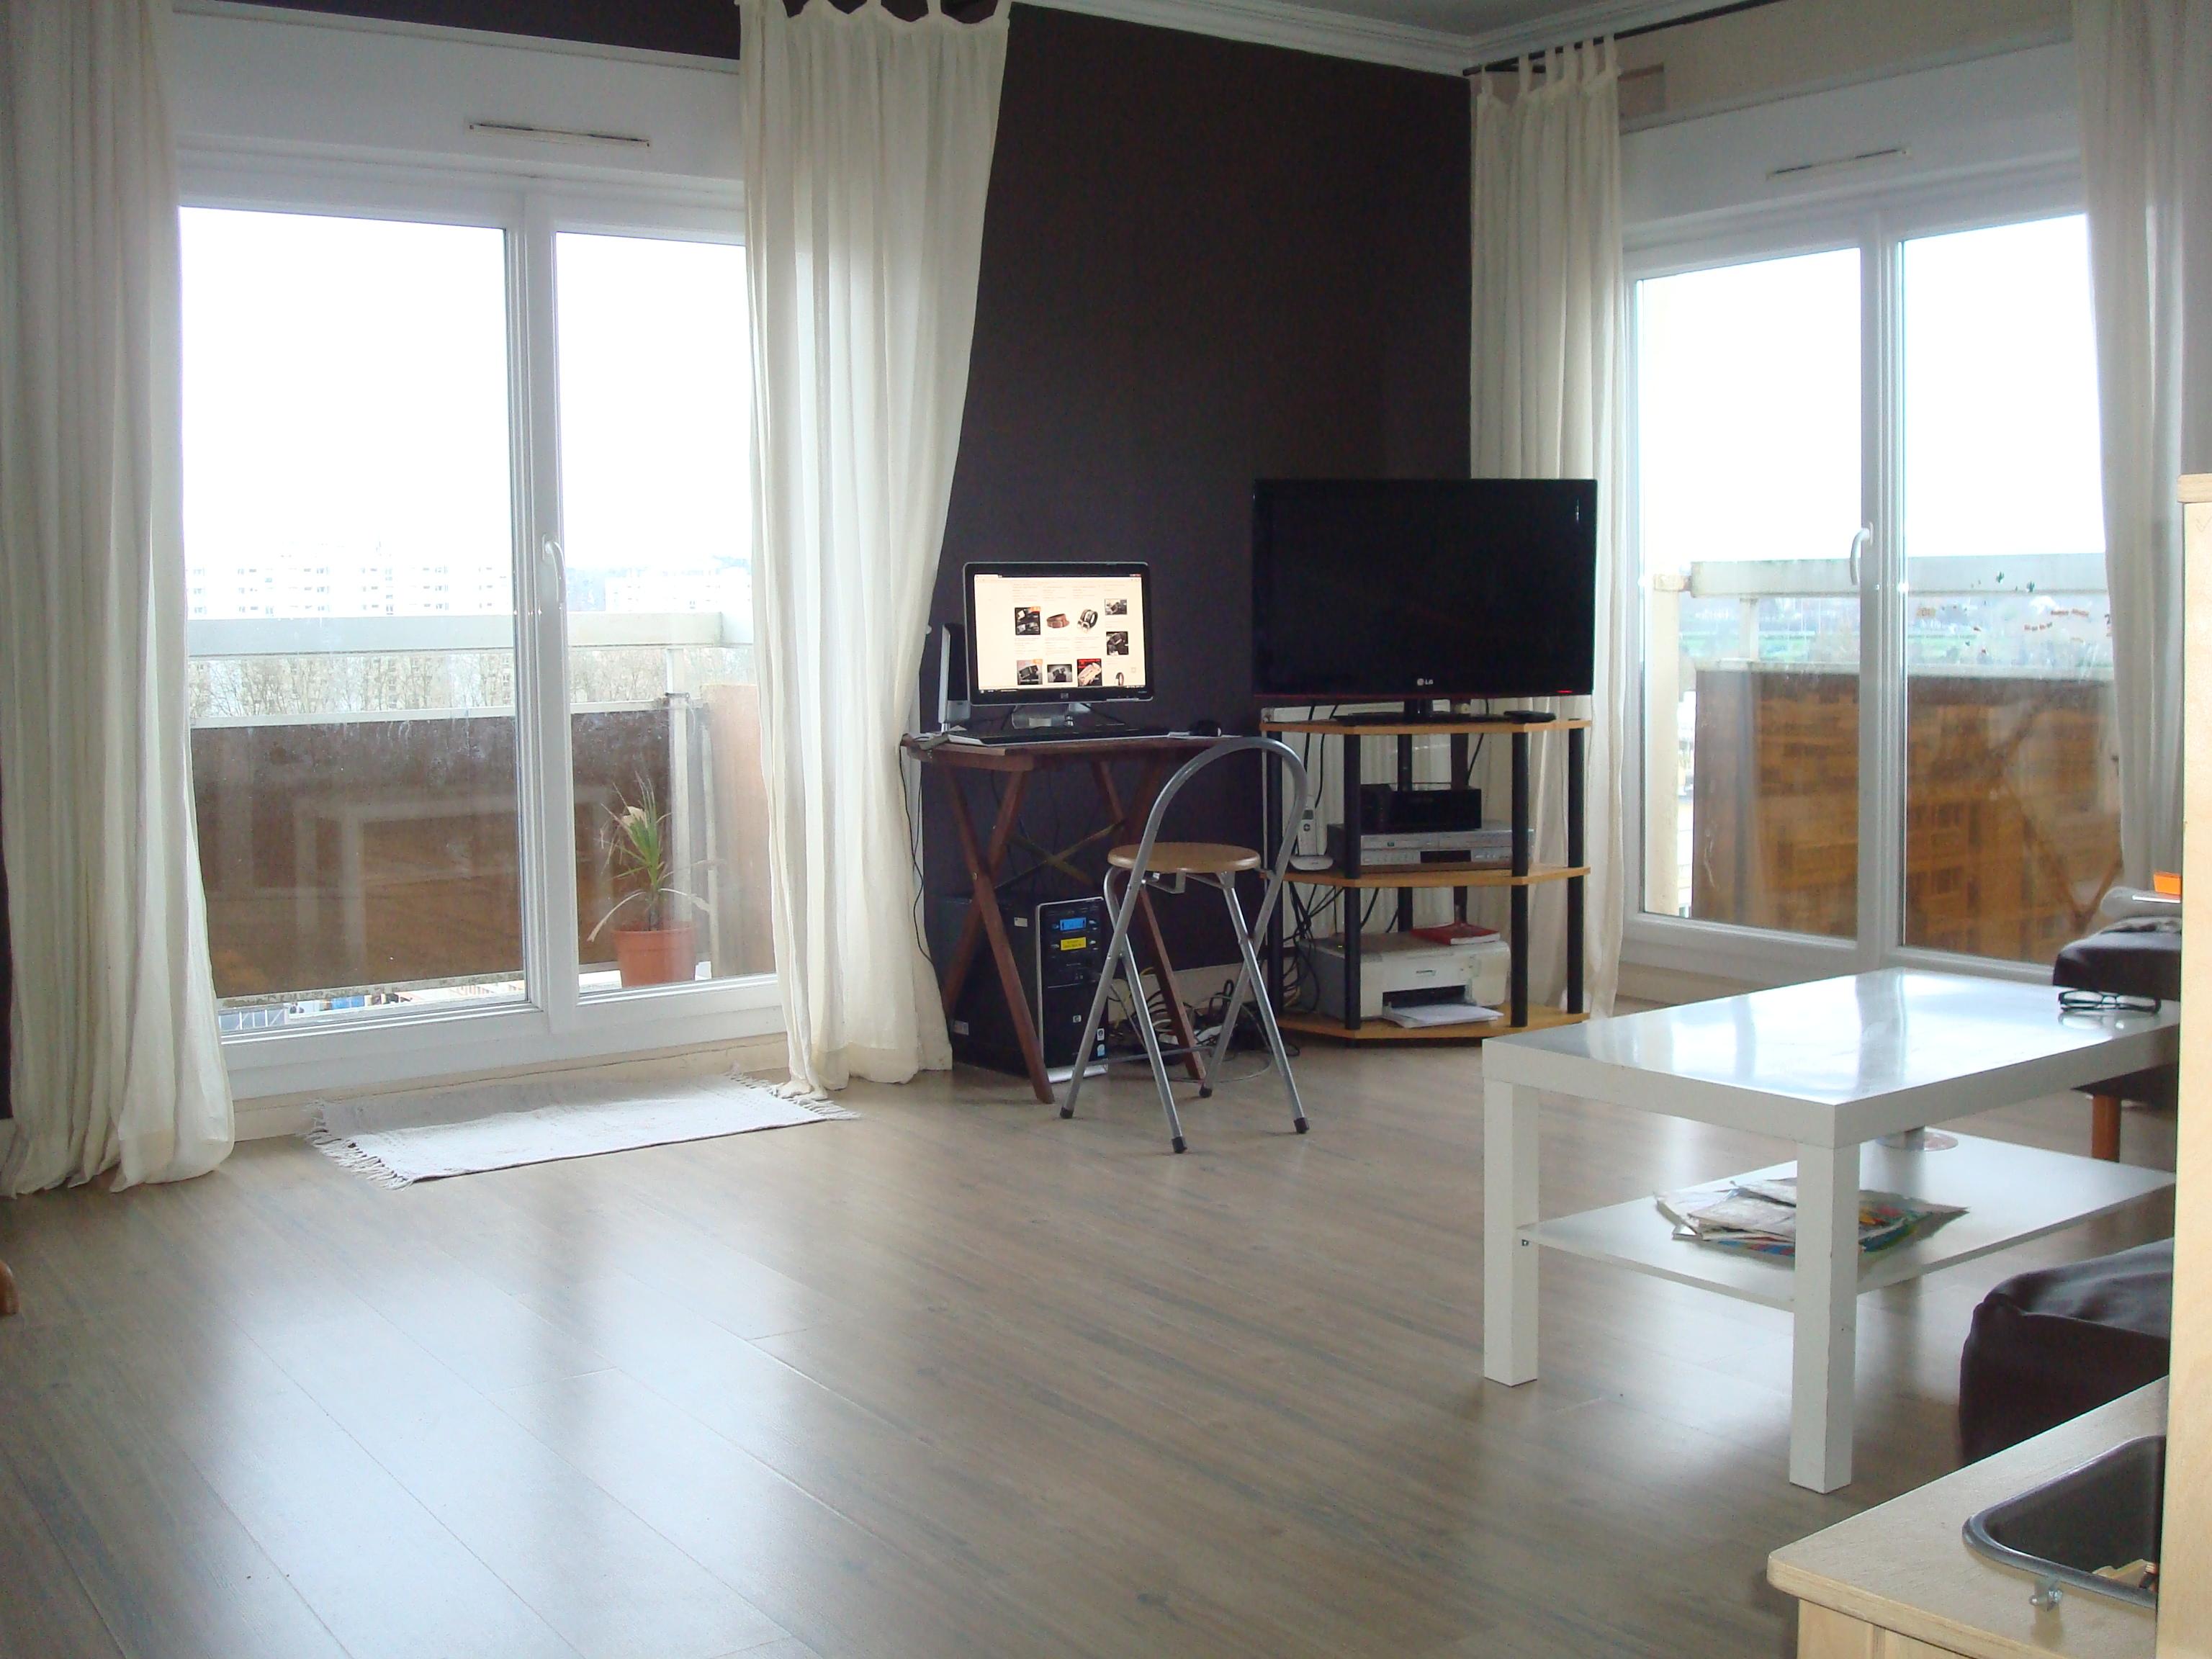 Produit D'Accueil Salle De Bain Hotel ~ Achat Appartement Brest Home Design